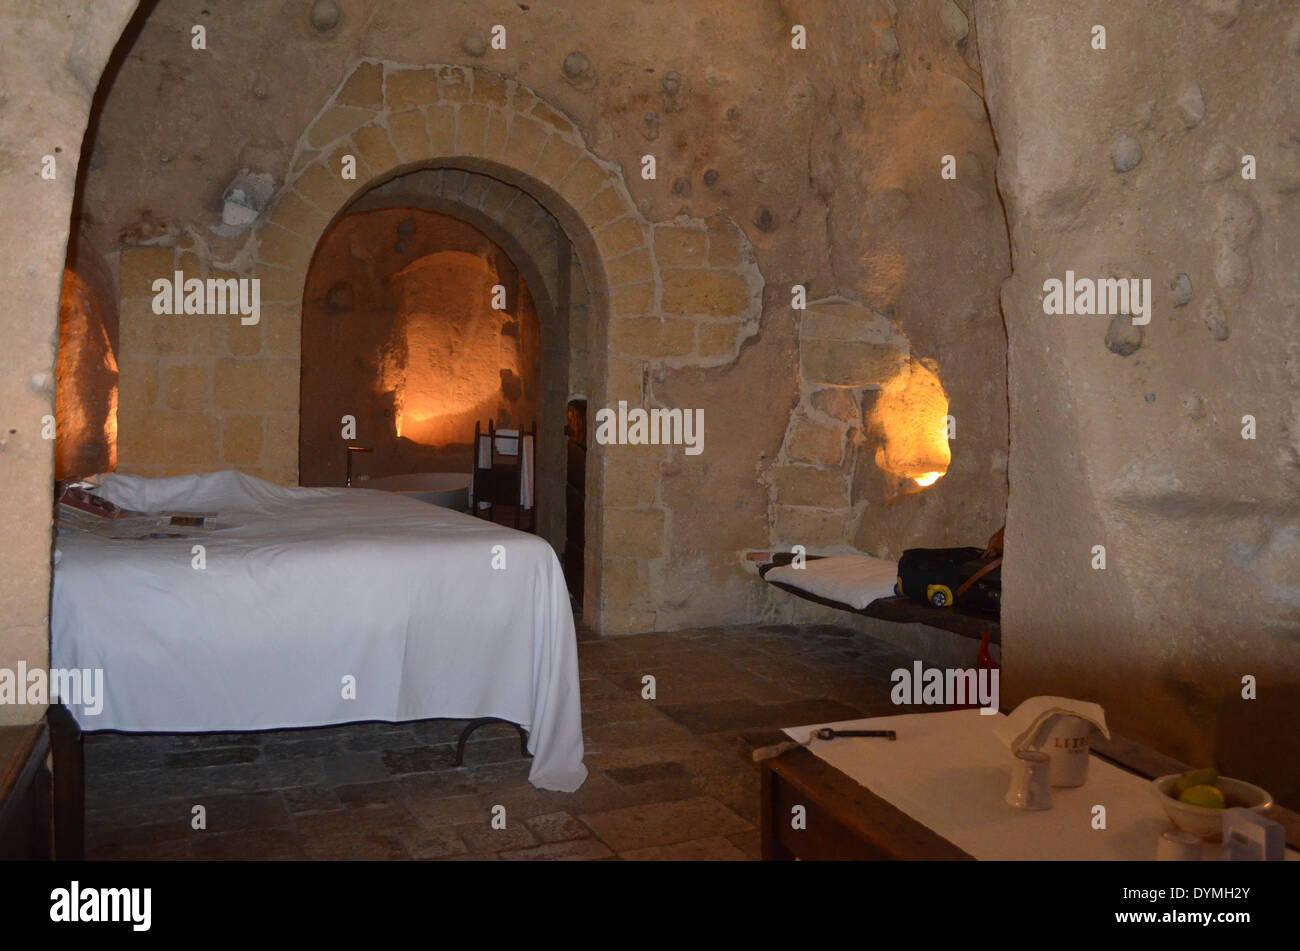 Matera,l'une des plus anciennes civilisations de l'Italie, ils vivaient comme dans trogladytes authenicated grottes.Celui-ci pour le confort. Photo Stock